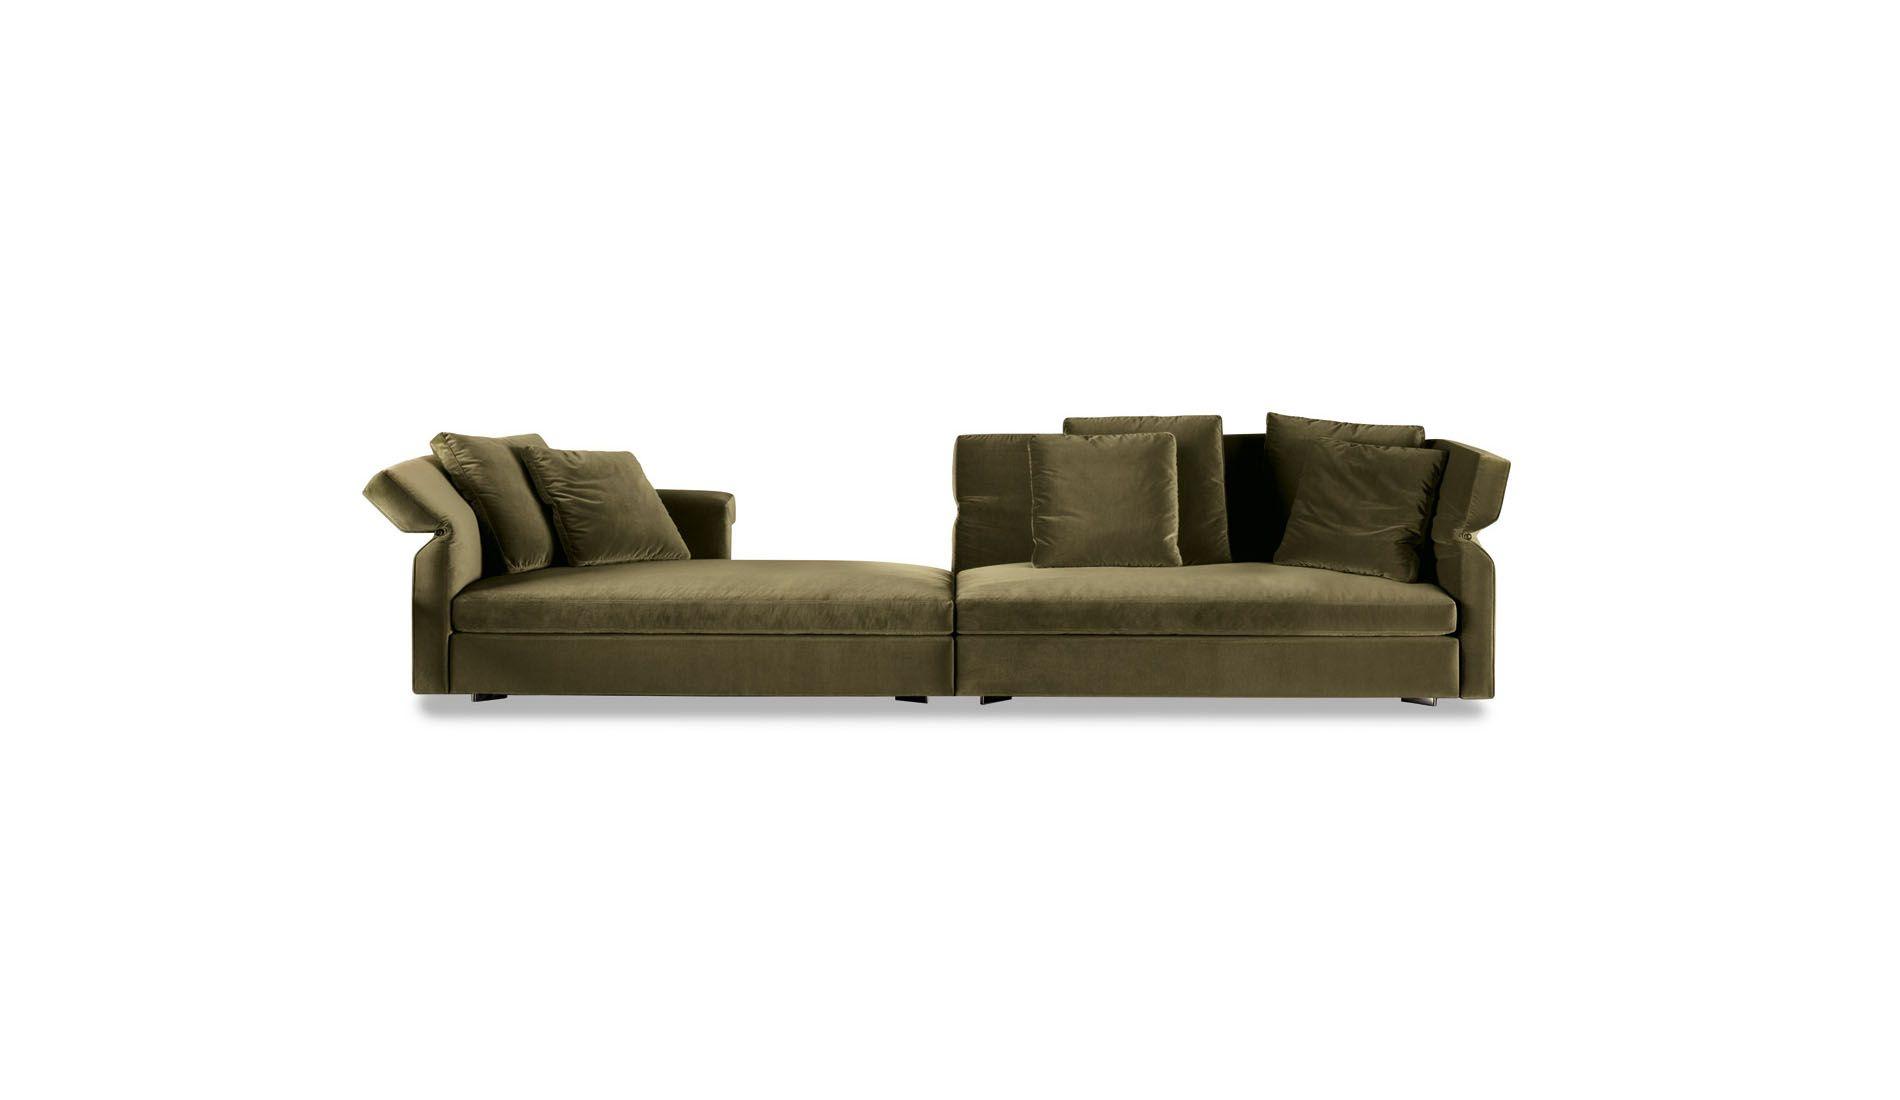 Minotti Collar Sofa 390 cm Verde Olio | Furniture | Pinterest